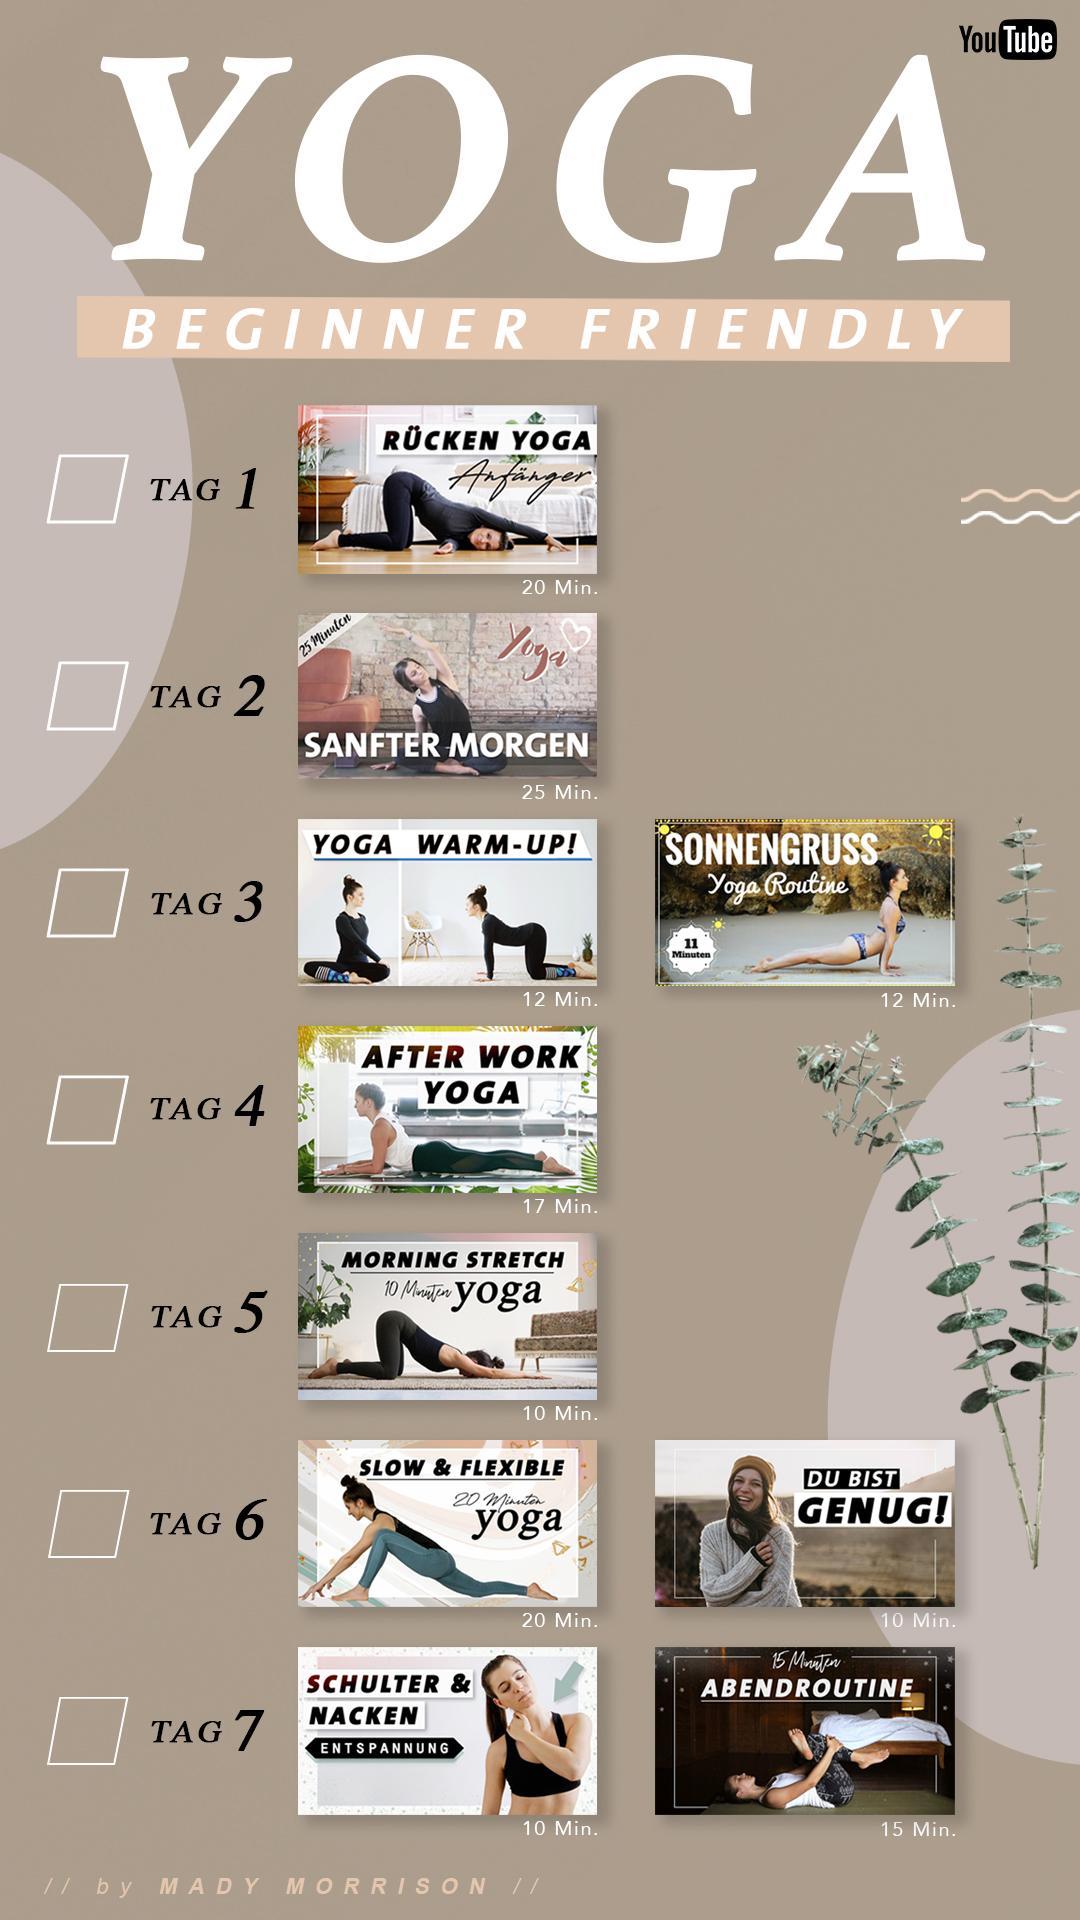 02-beginner-weekly-yoga-beige